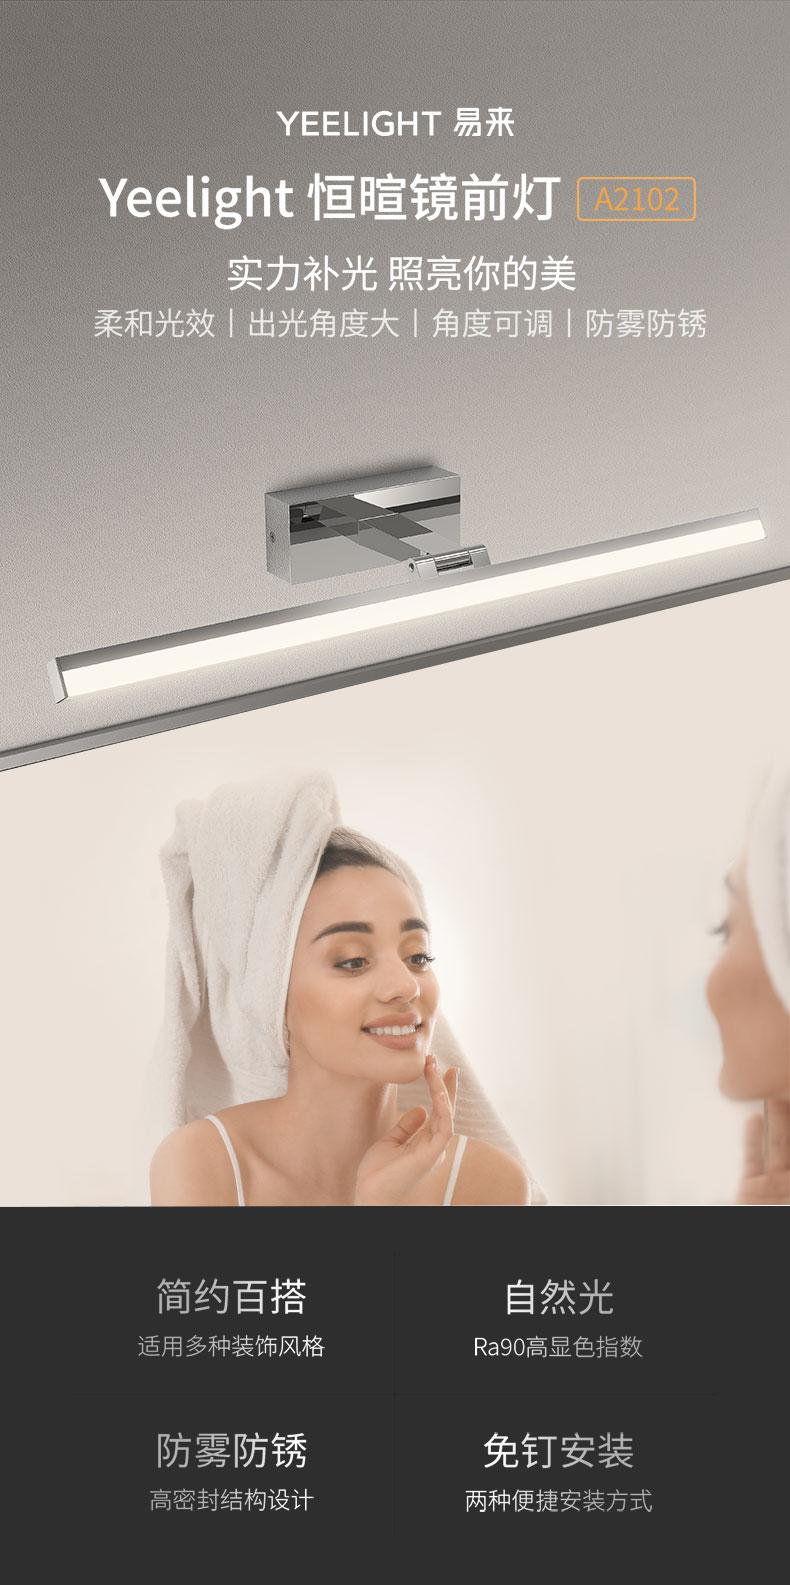 Yeelight ilumina cualquier rincón de tu casa con estas luces LED